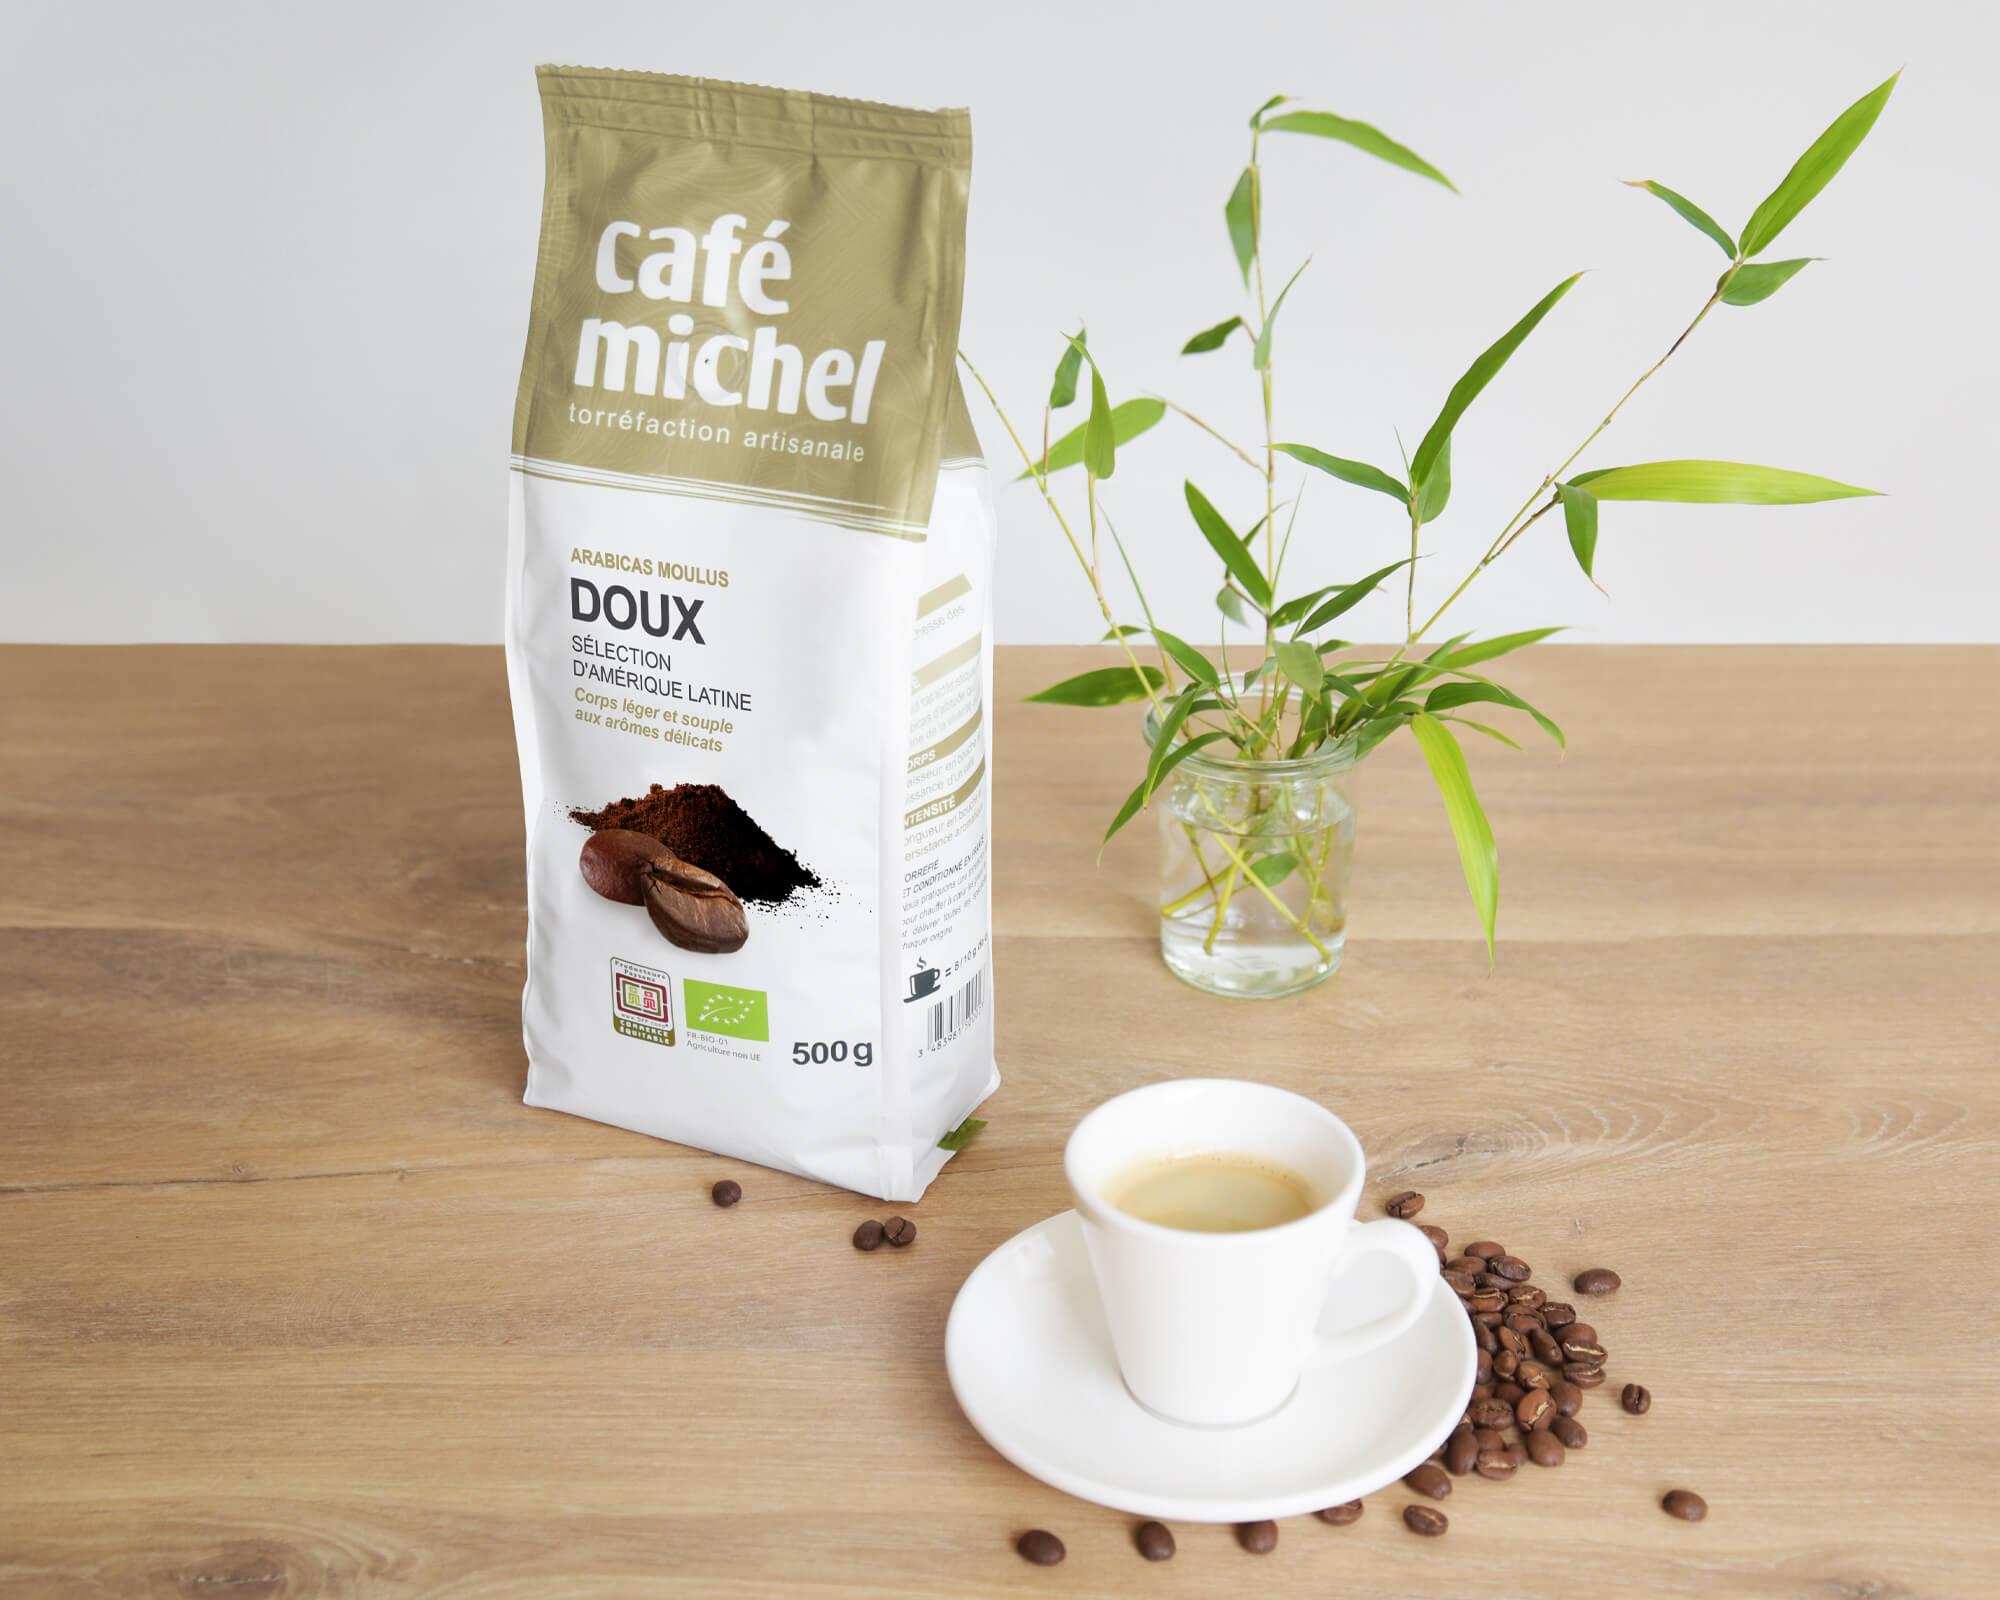 Mélange arabica Doux Moulu biologique et équitable 500g I Café Michel